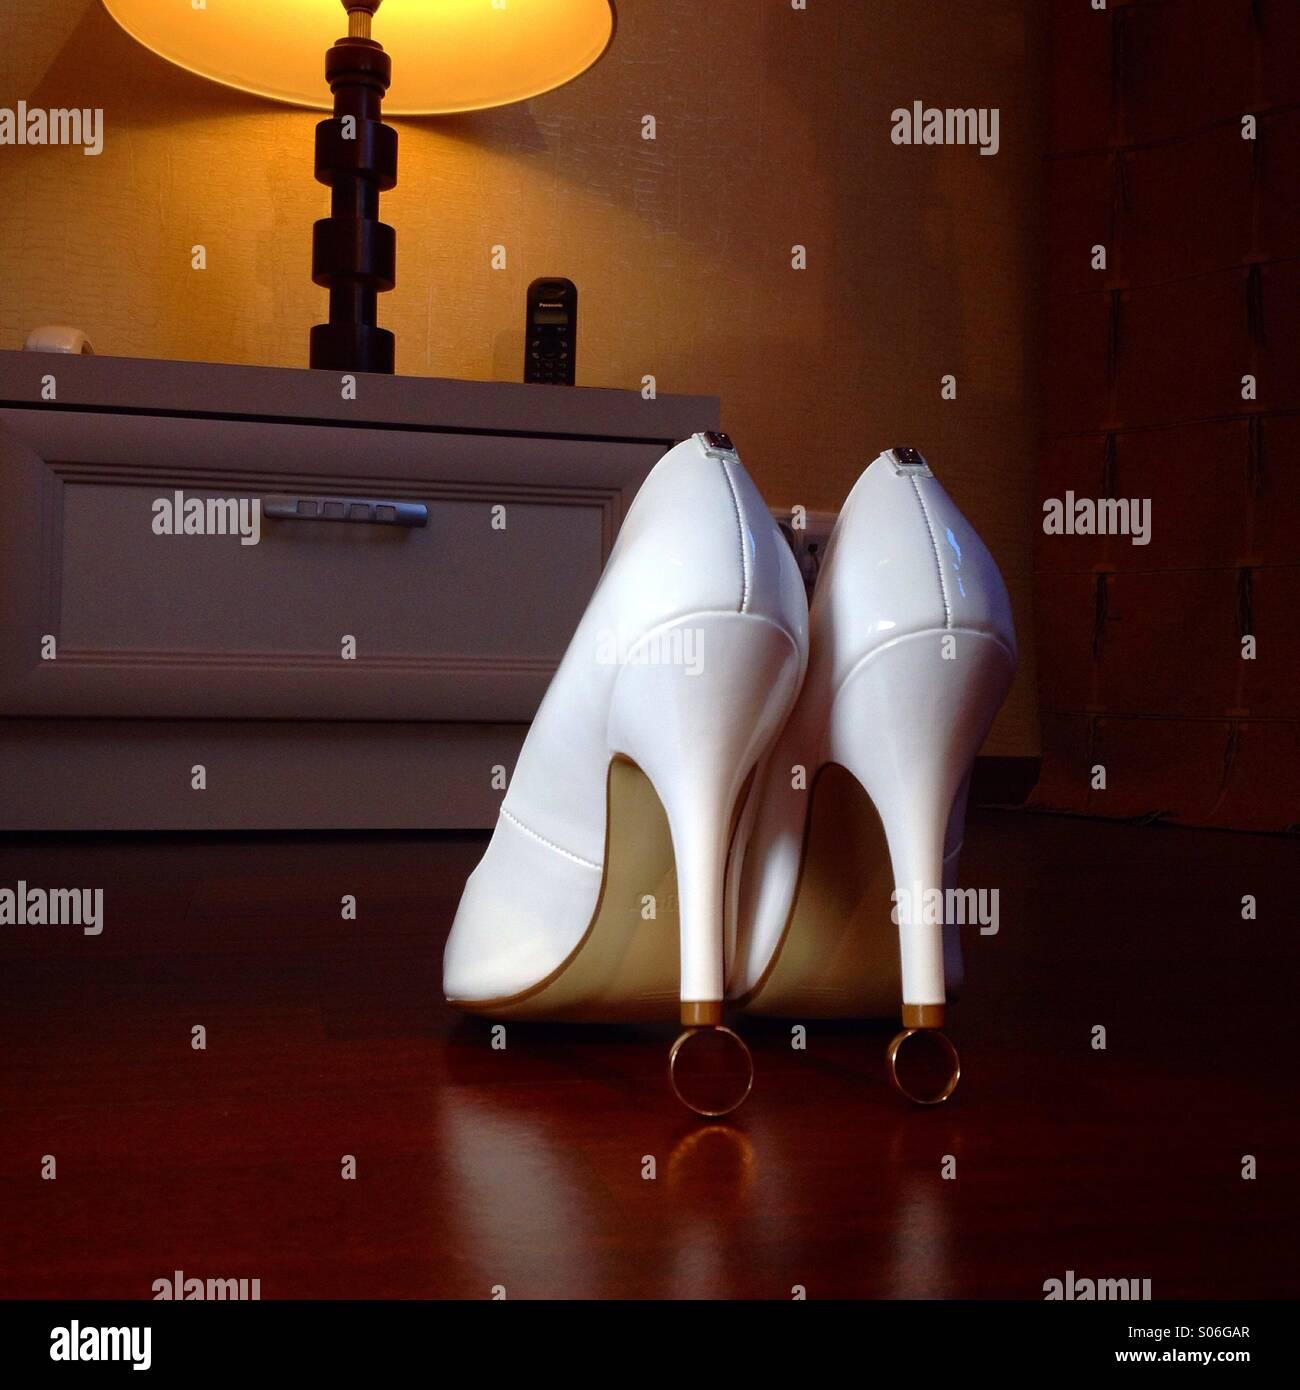 Zapatos de novia anillos weddin Imagen De Stock